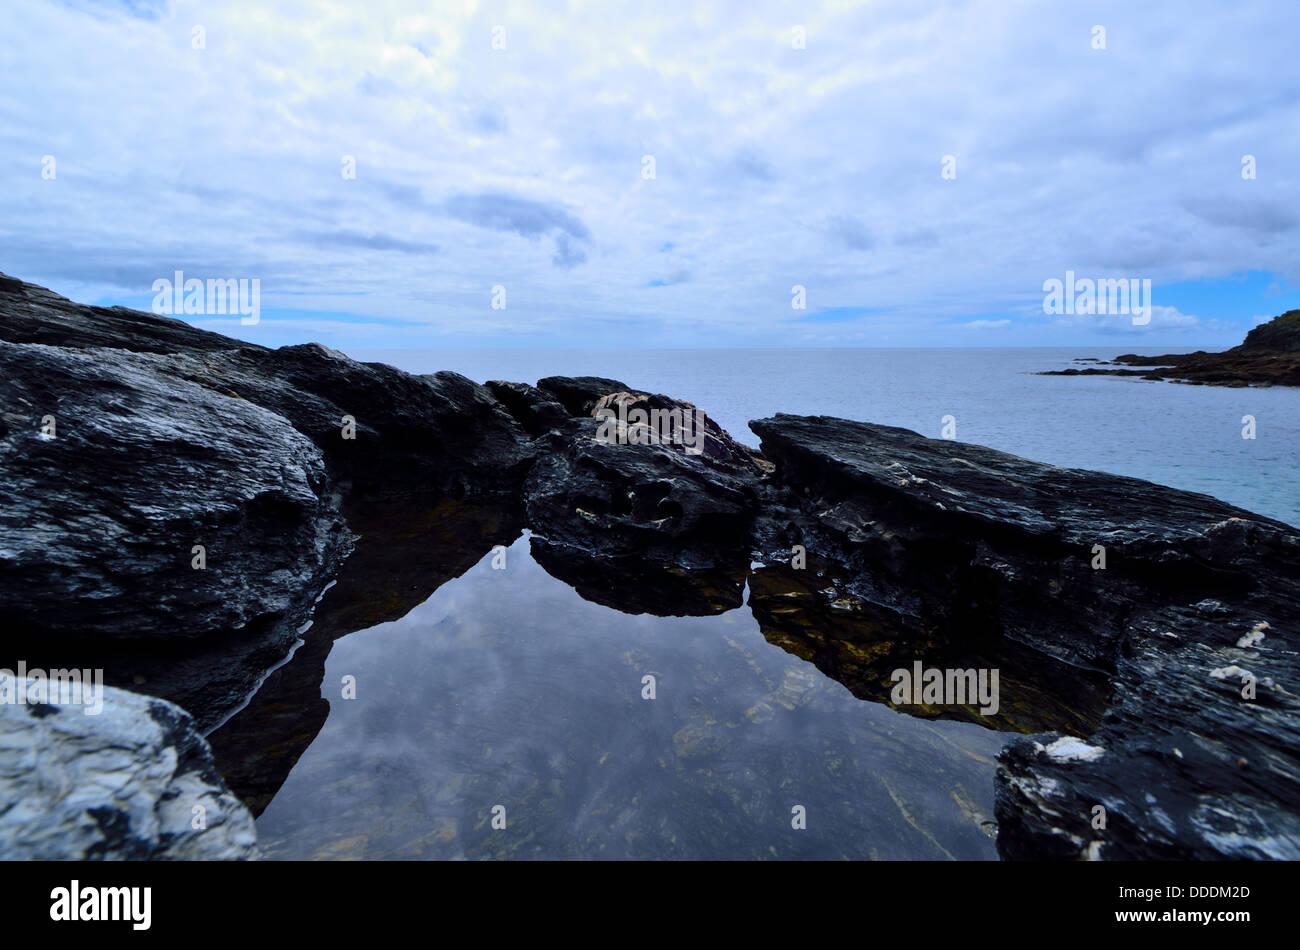 Prussia Cove Cornwall Marazion Penzance Rocks and Seascape - Stock Image